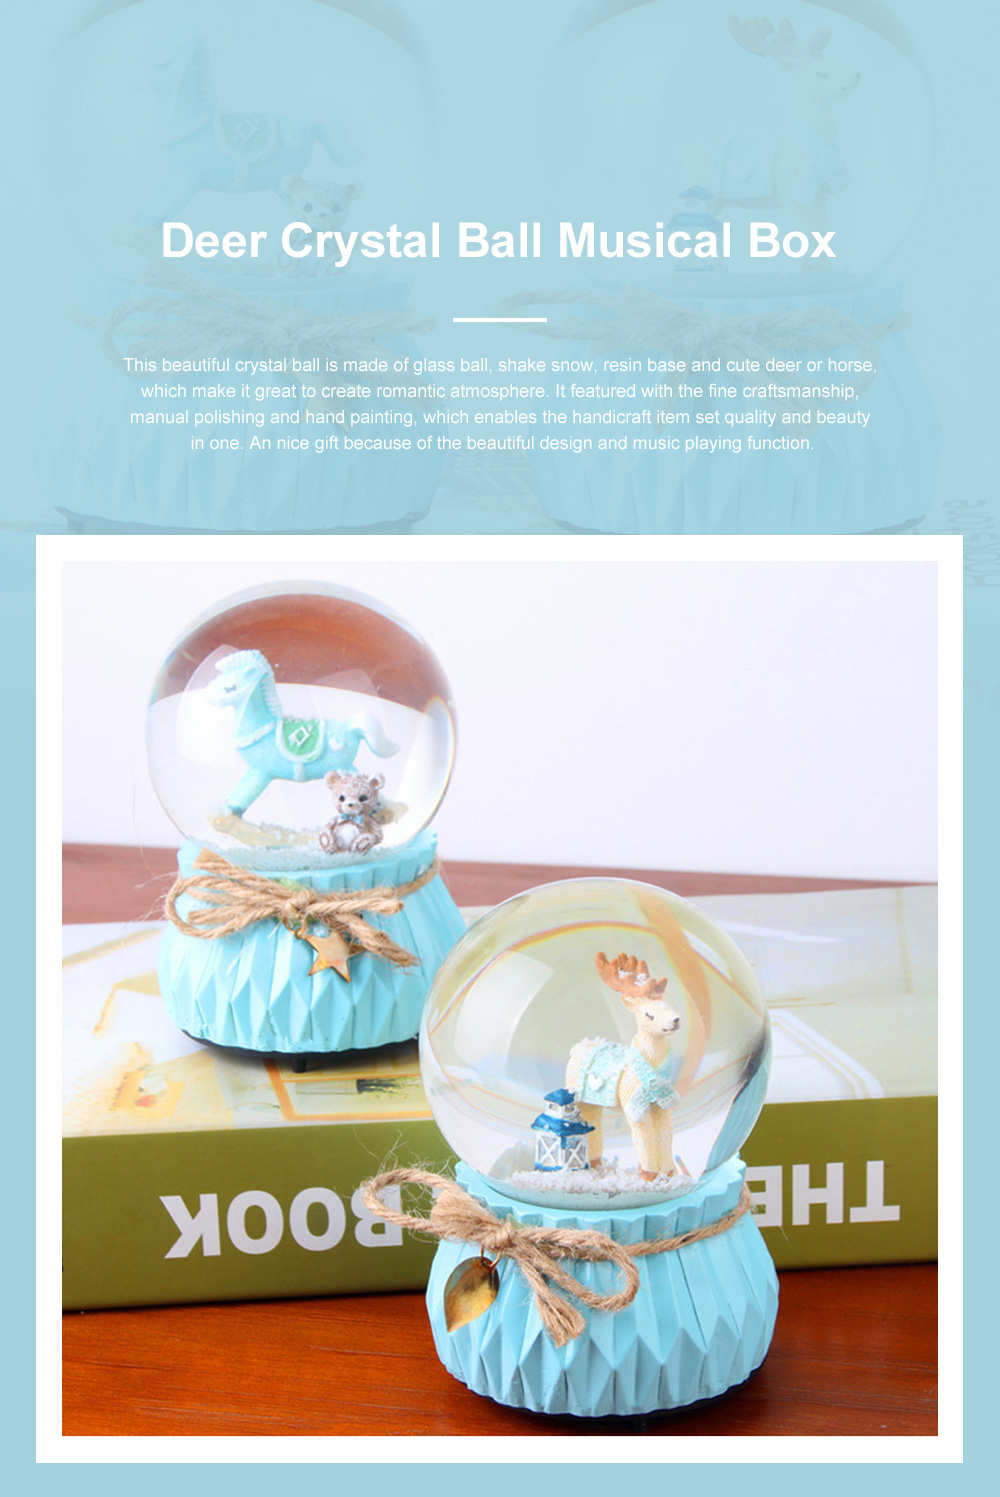 Deer Crystal Ball Rotating Musical Box Resin Base Snowflake Craft Ball for Birthday Gift Christmas Decoration 0